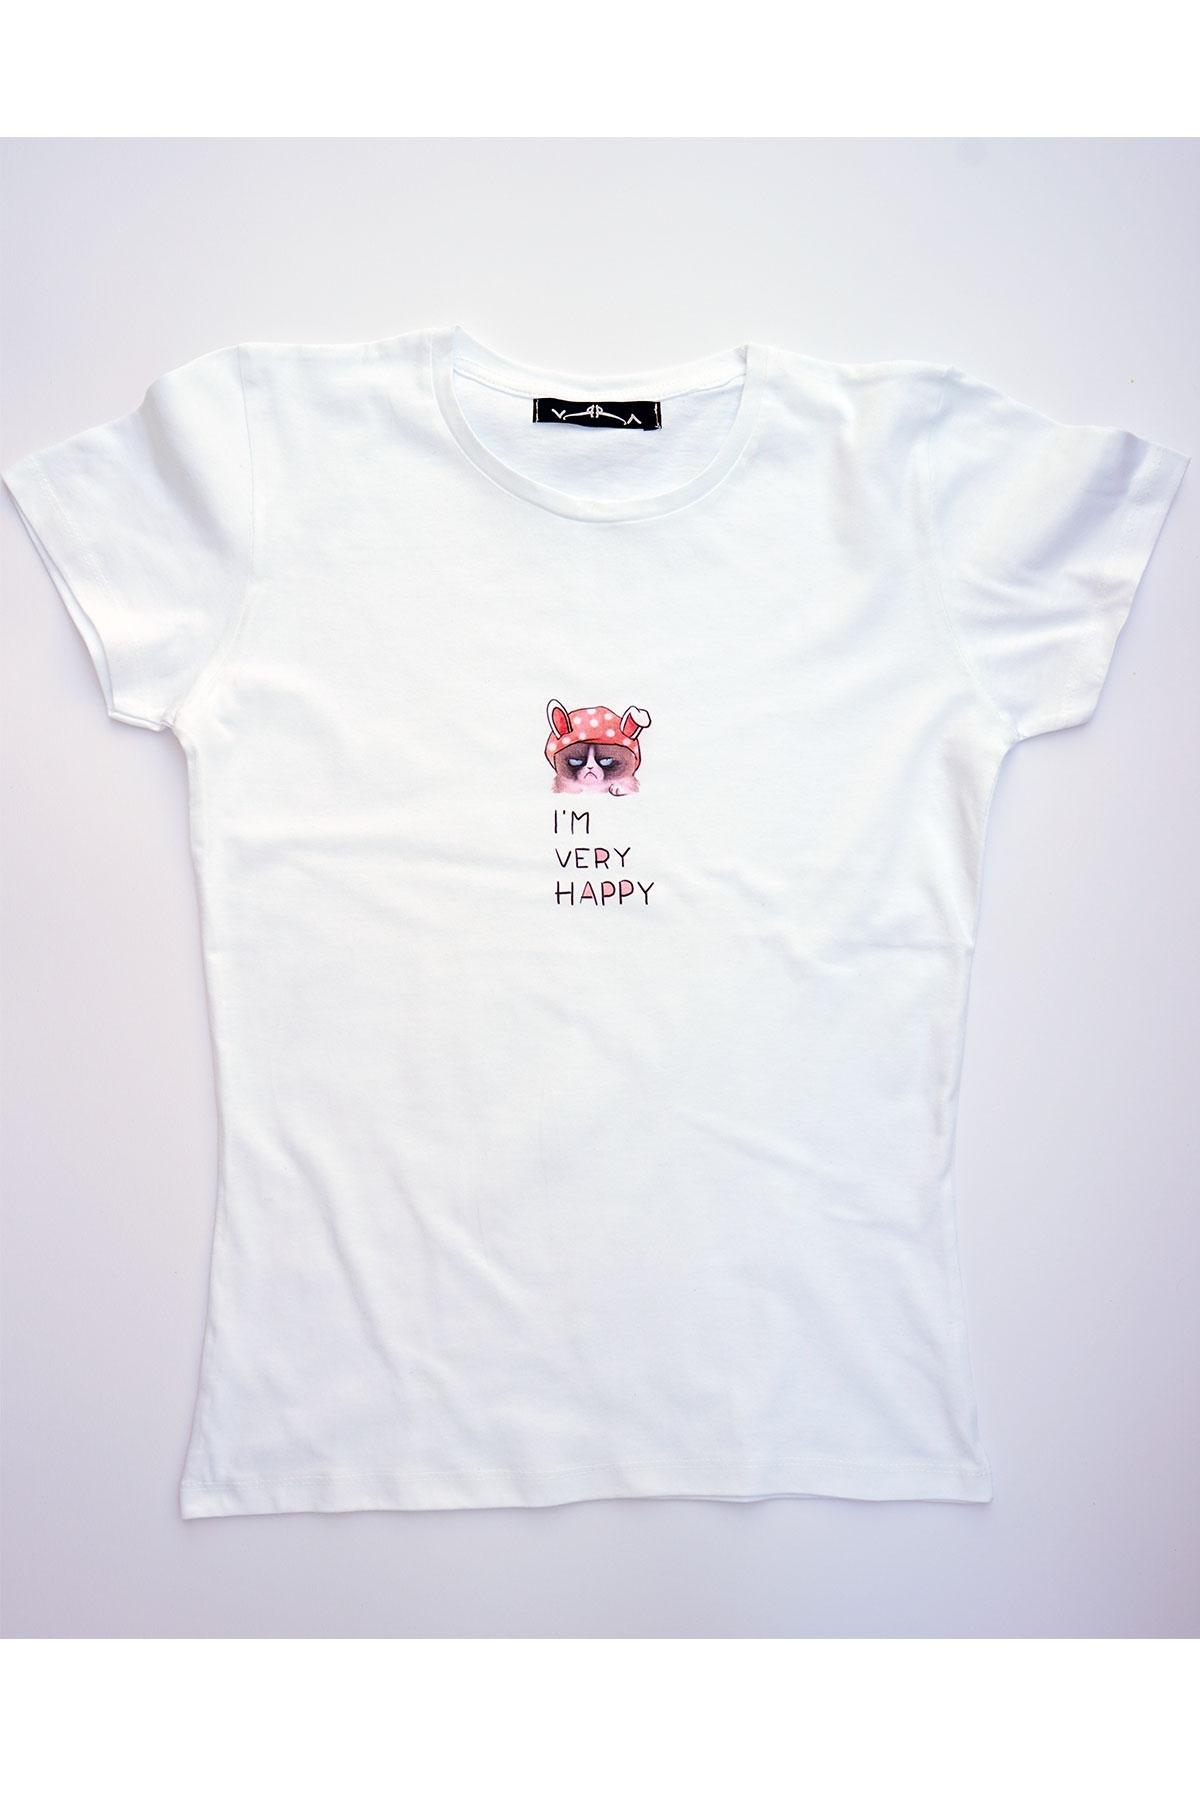 Бяла тениска I'm very happy / VЯRA за MUSE SHOP